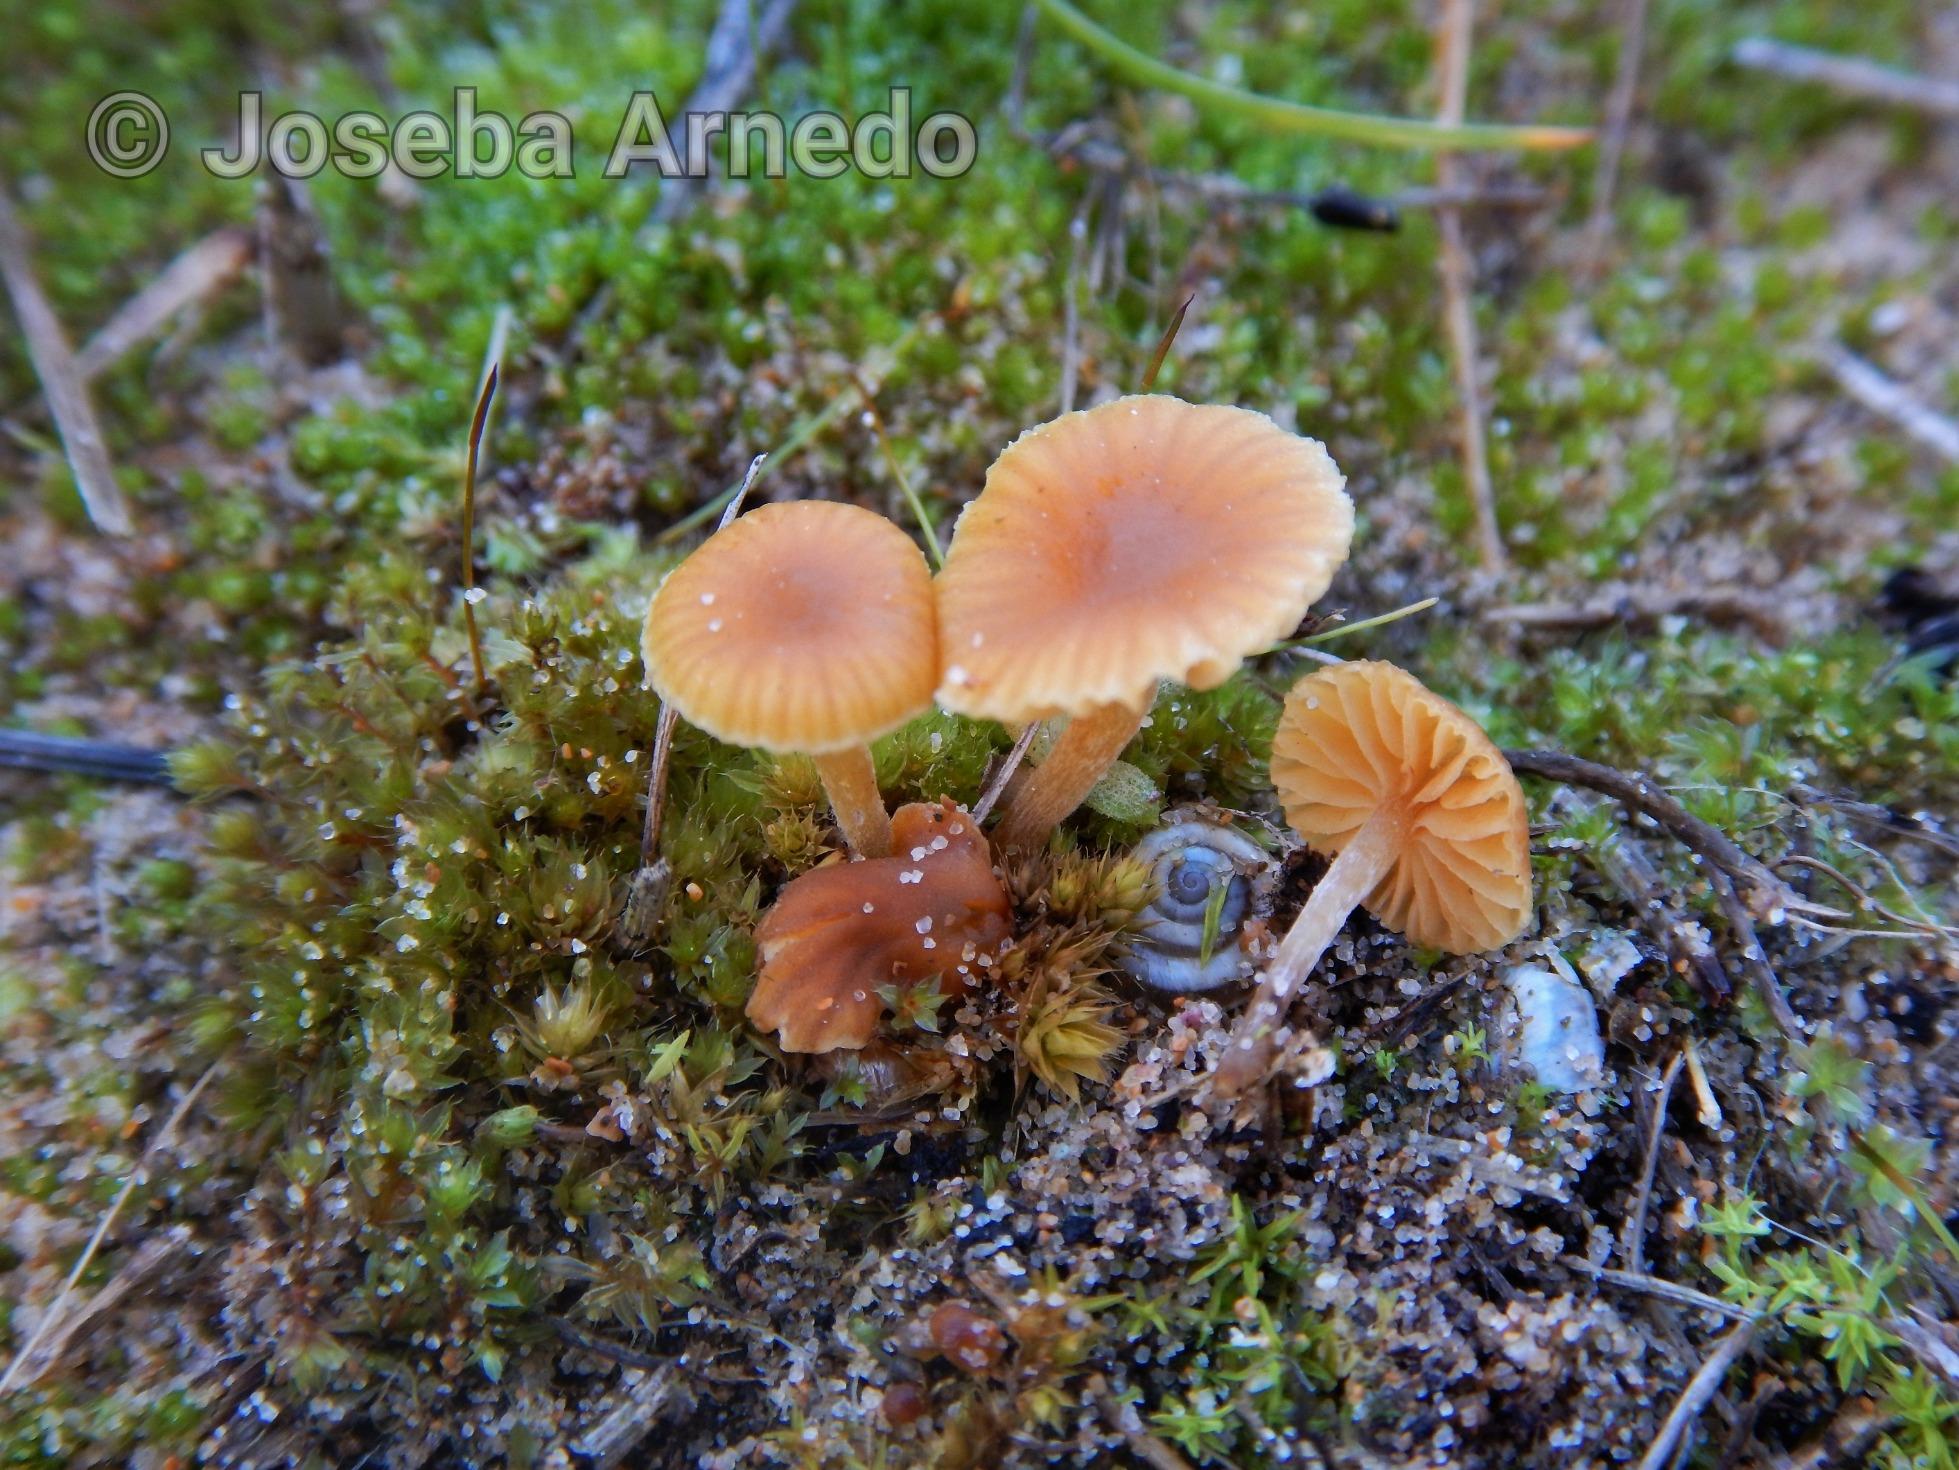 Galerinagraminea_2020-01-28.jpg